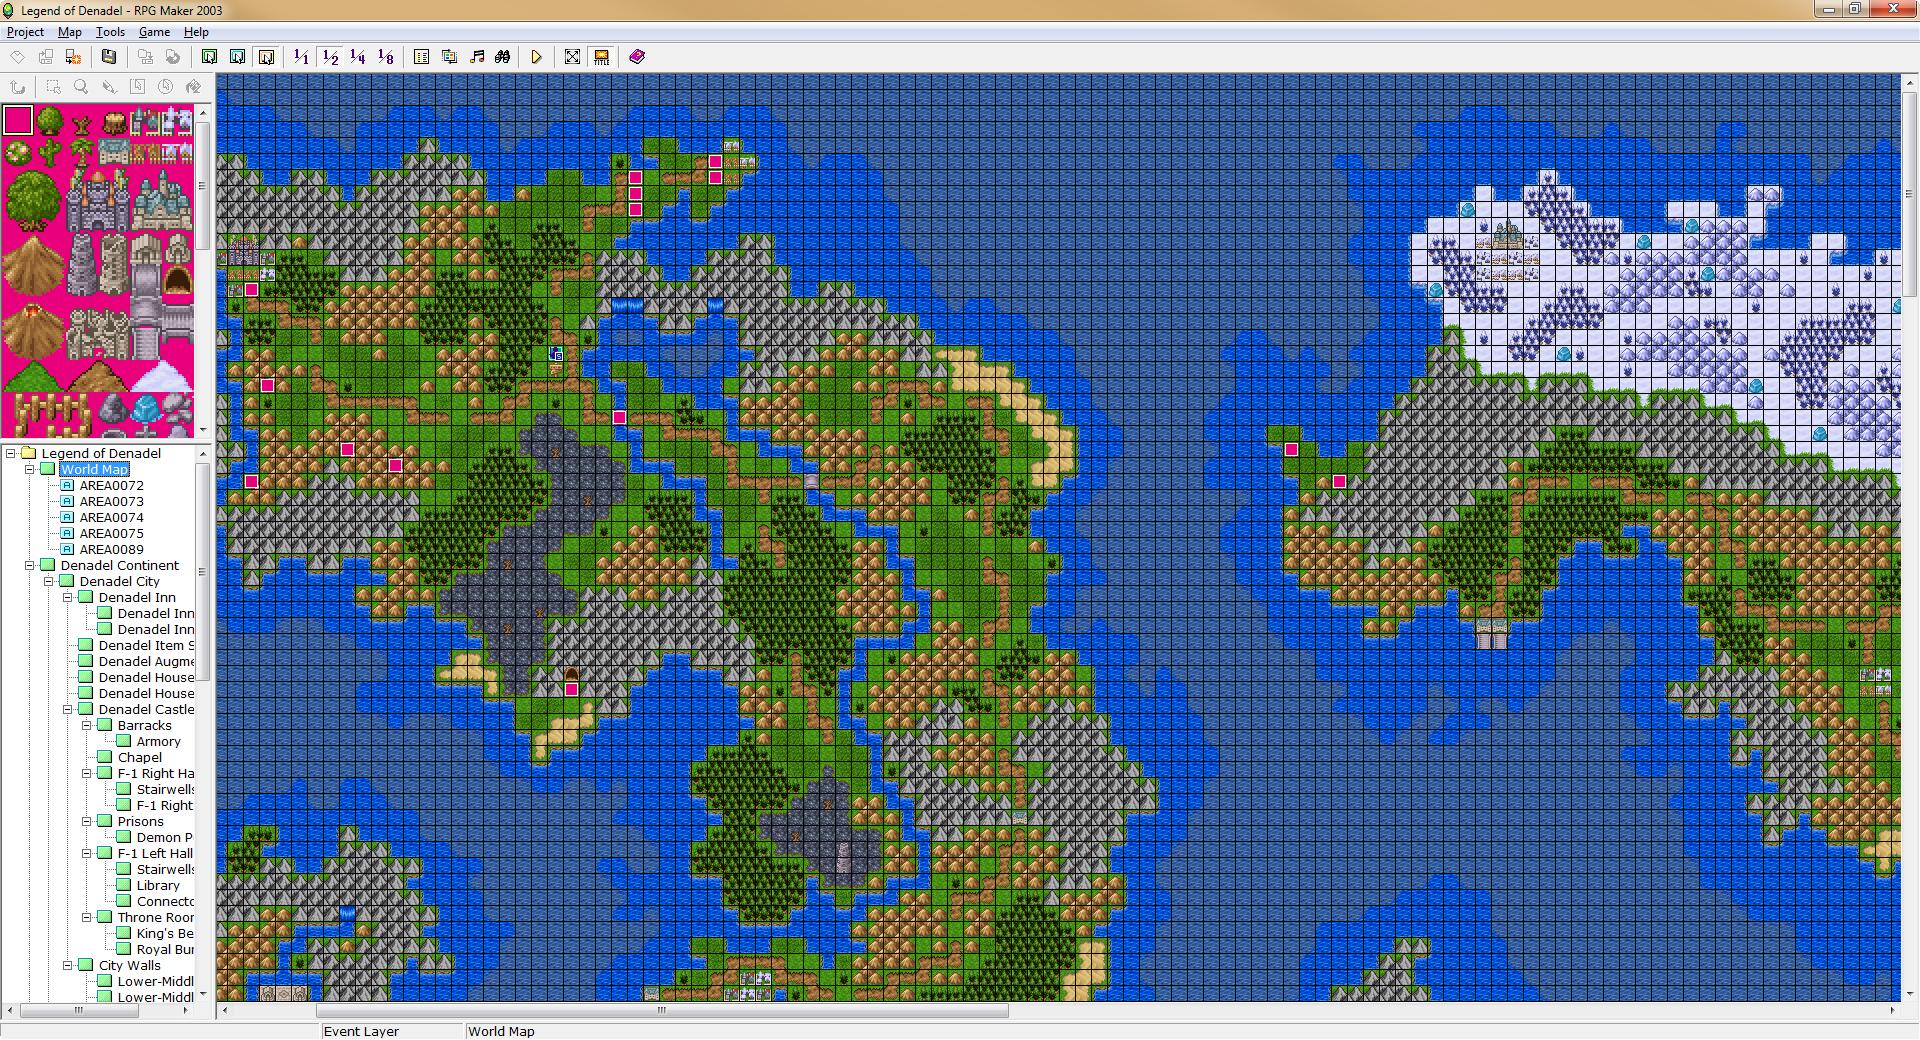 RPG Maker 2003 screenshot